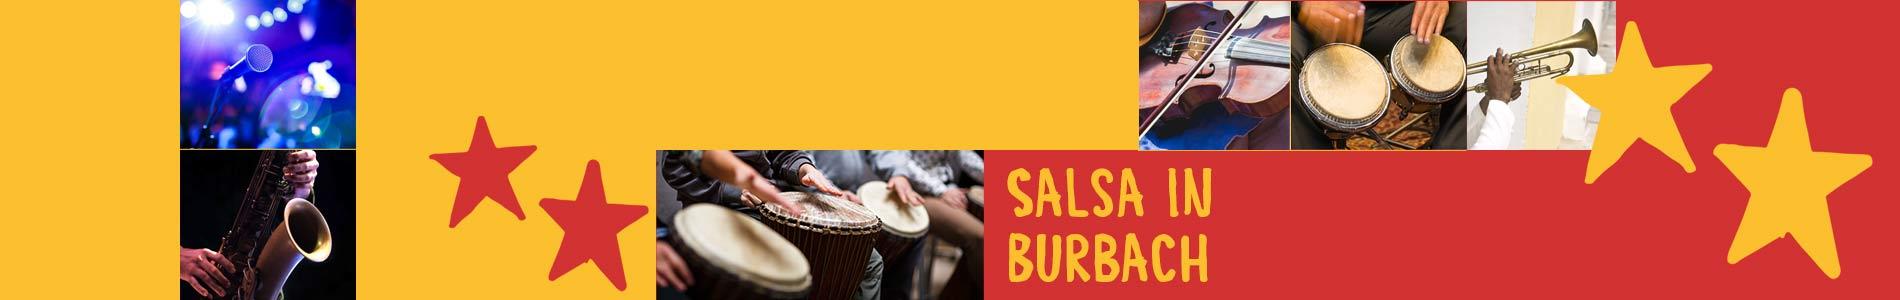 Salsa in Burbach – Salsa lernen und tanzen, Tanzkurse, Partys, Veranstaltungen